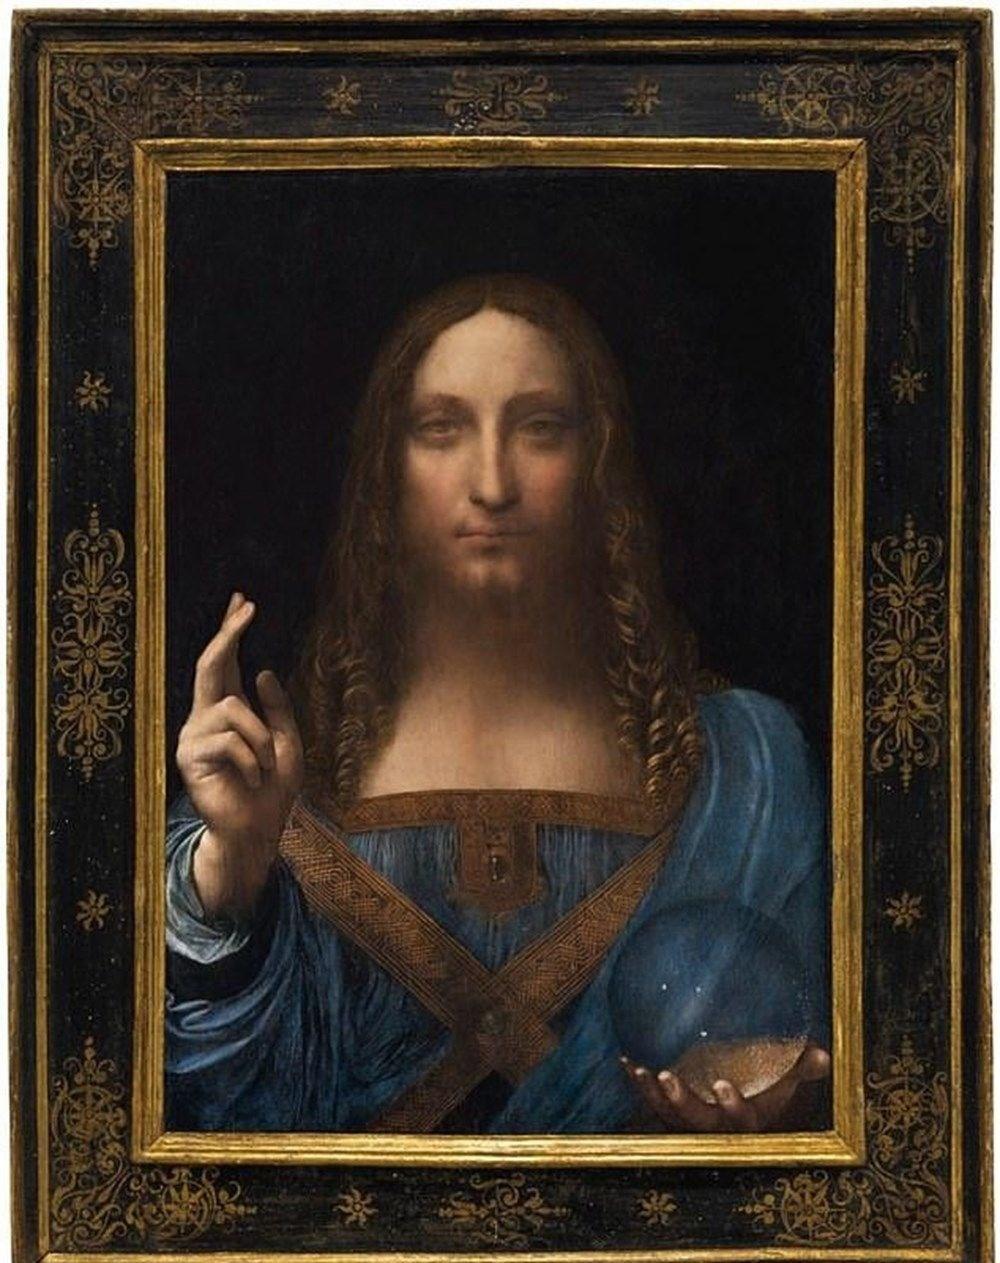 Dünyanın en pahalı tablosu olan Leonardo da Vinci'nin Salvator Mundi'si NFT olarak satışta - 1